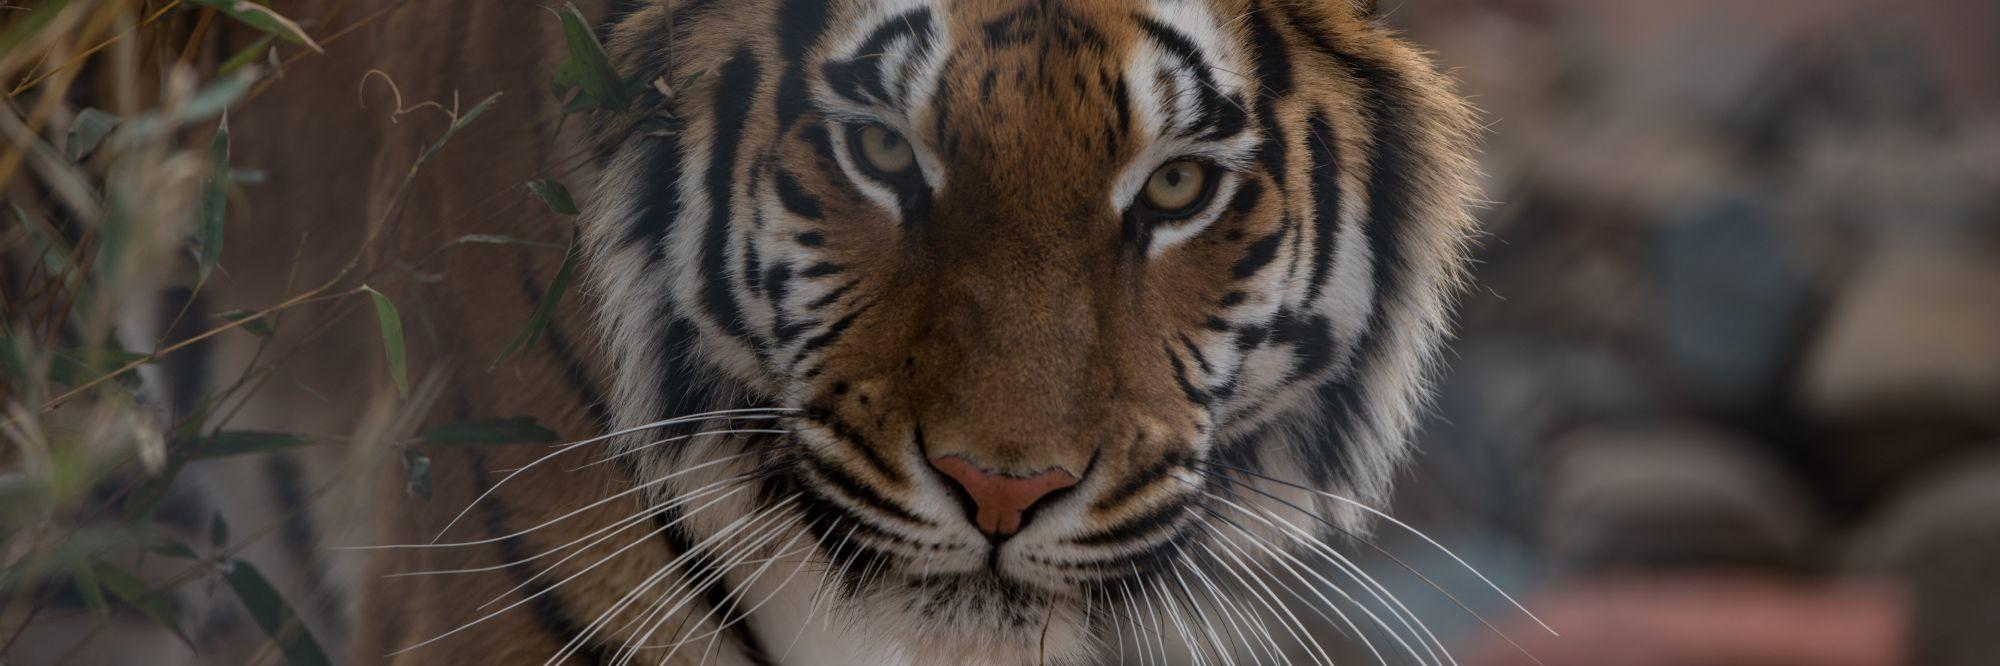 Tigerss Cara